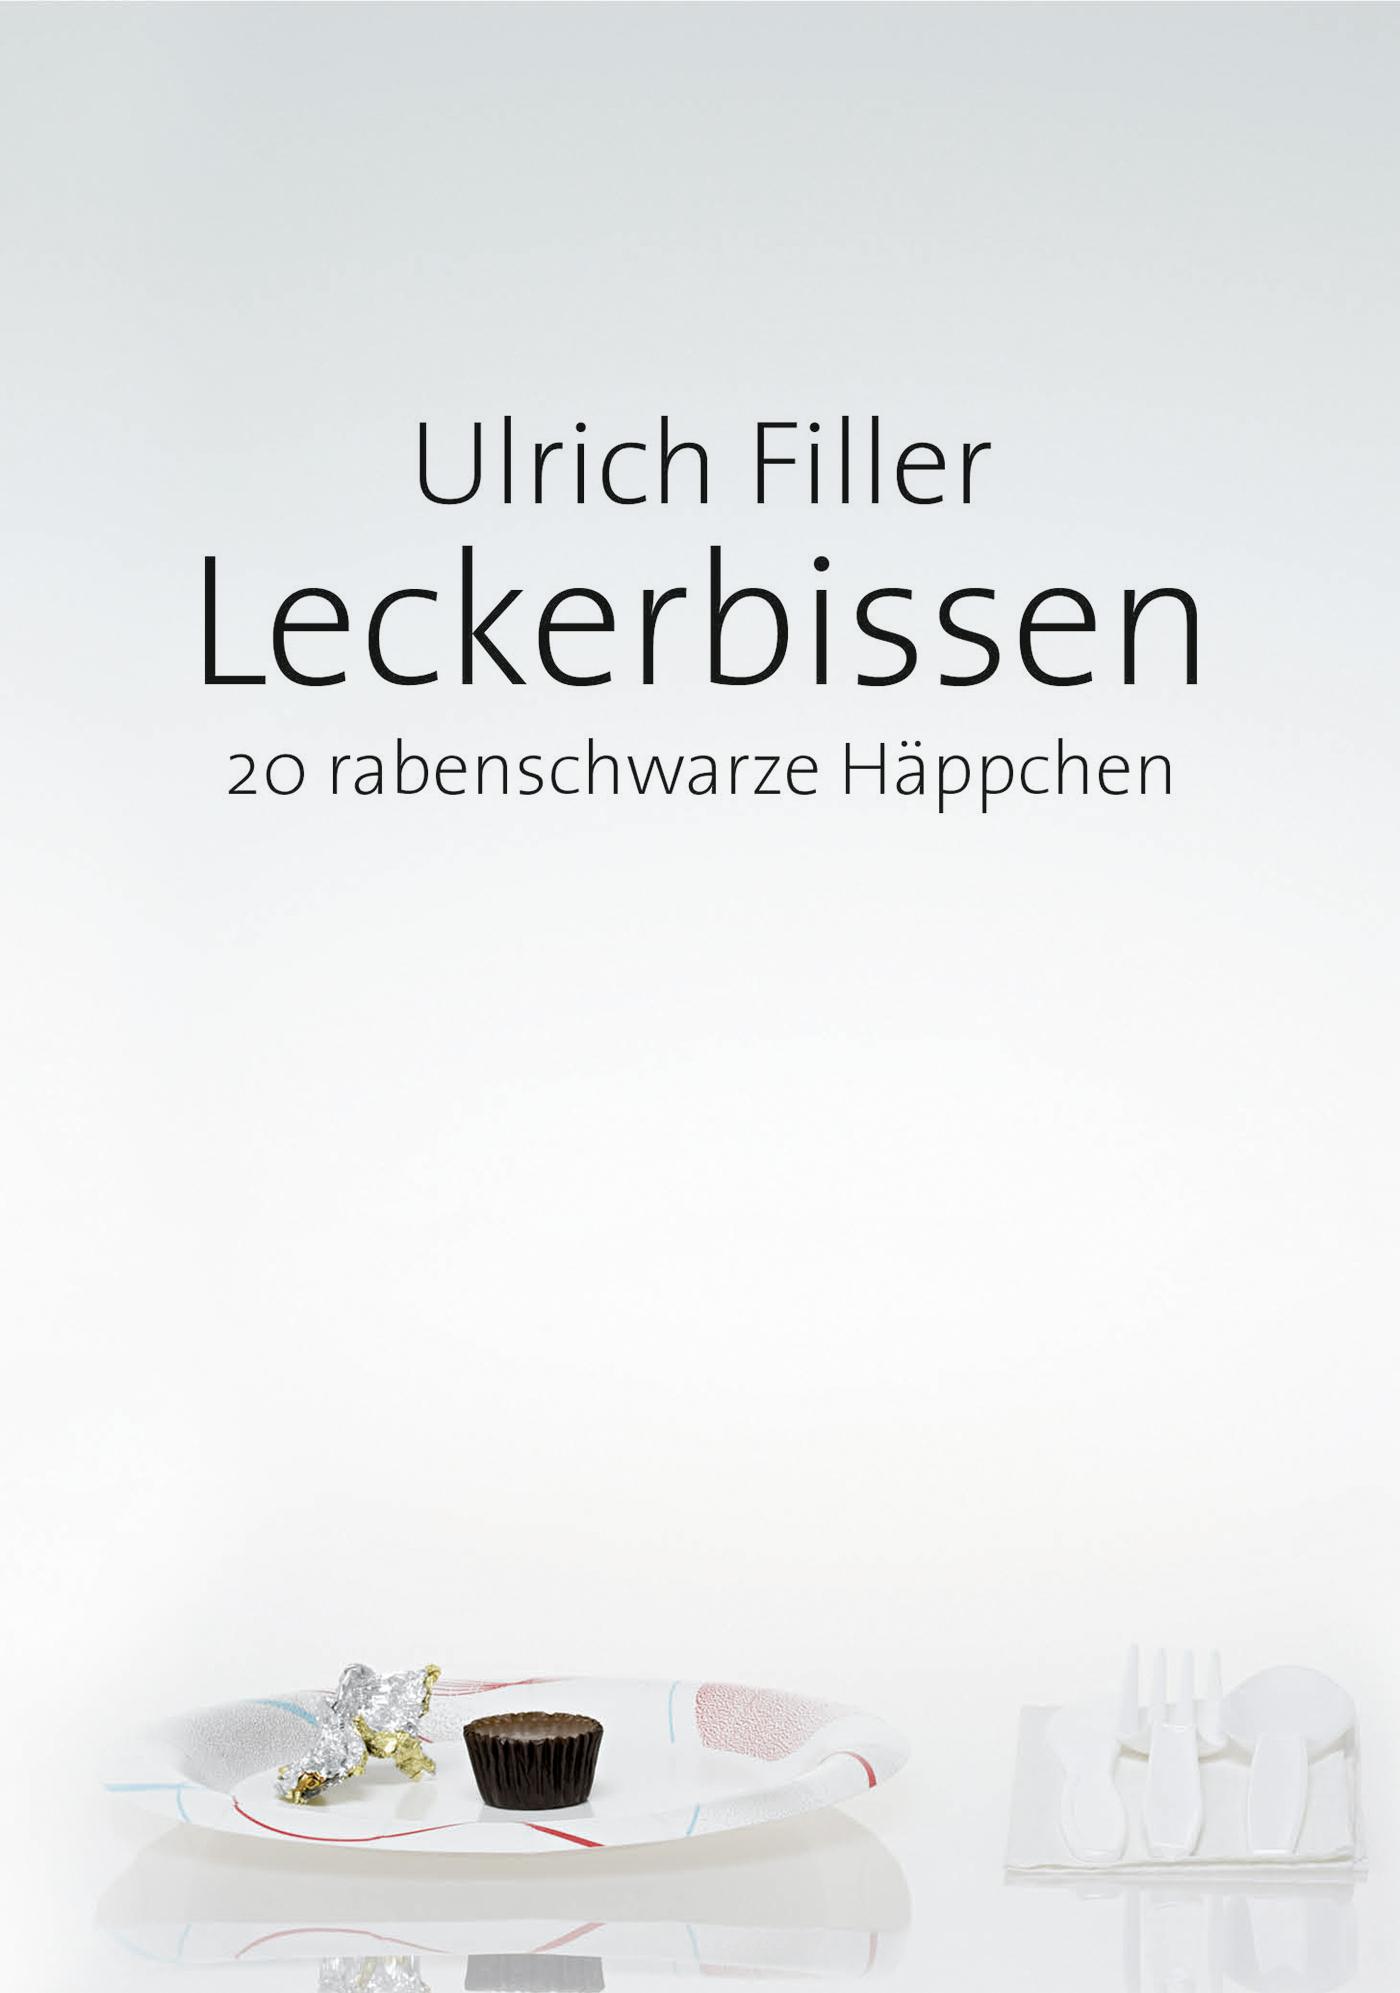 Ulrich Filler Leckerbissen ulrich filler leckerbissen